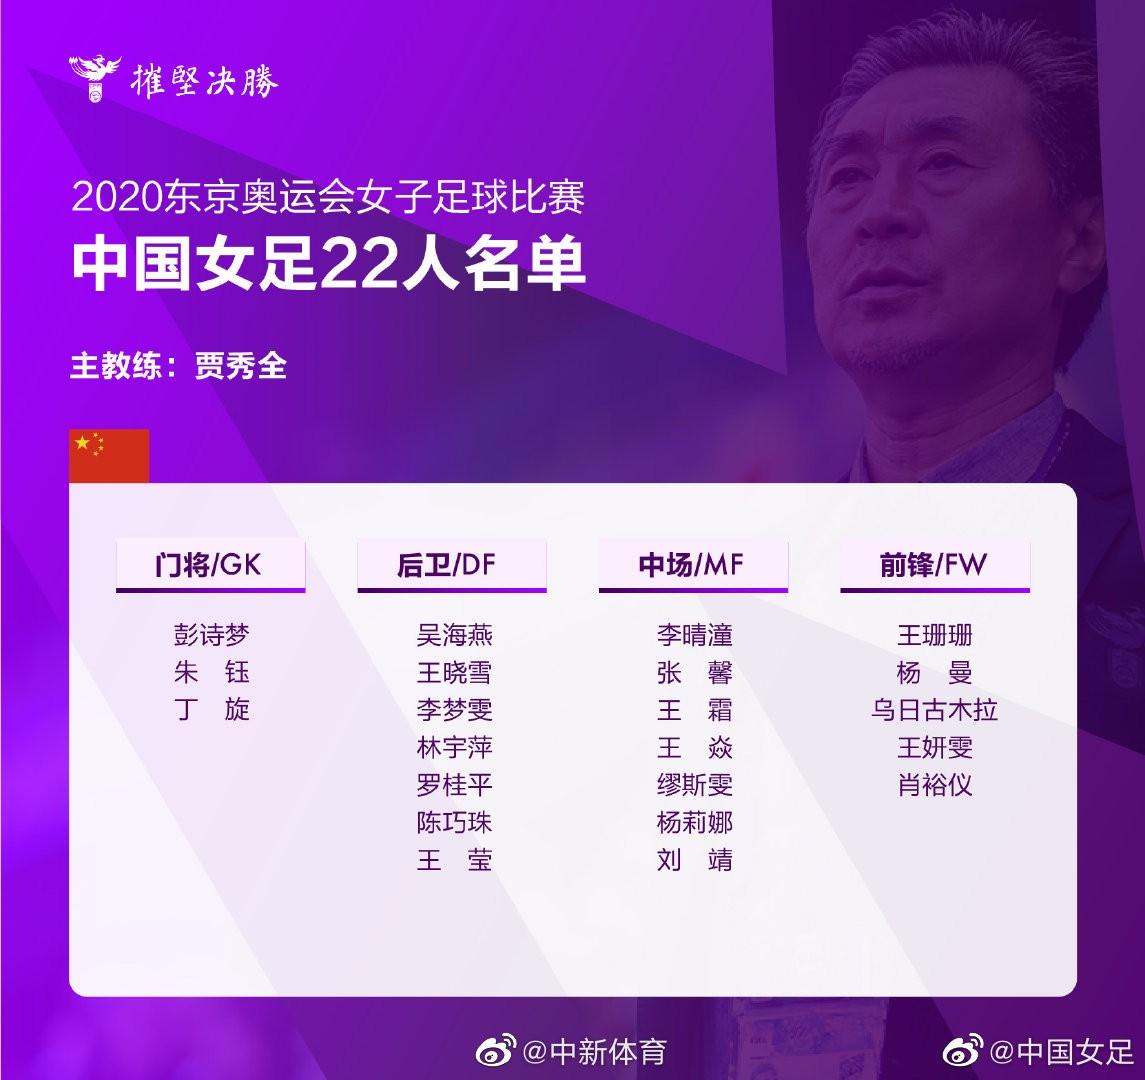 中国女足奥运名单公布 与巴西荷兰争夺小组出线权_图1-1